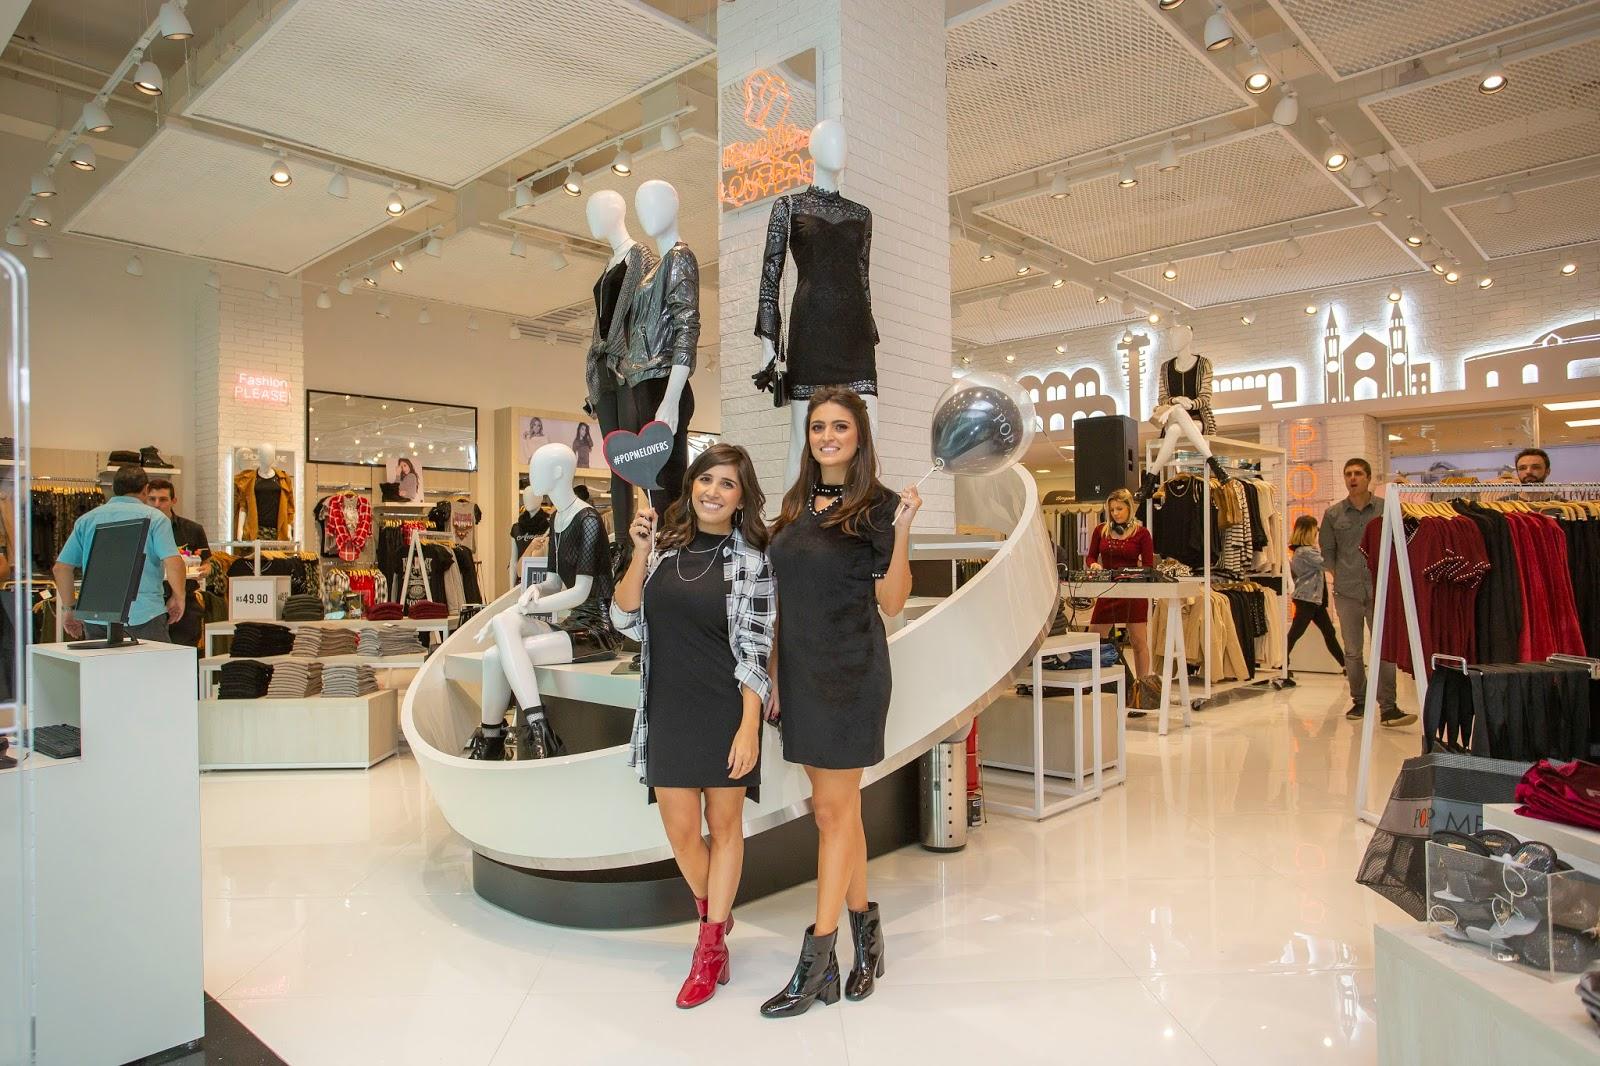 POP ME inaugura nova loja no Shopping Palladium   Curitiba em Destaque a094c338c4